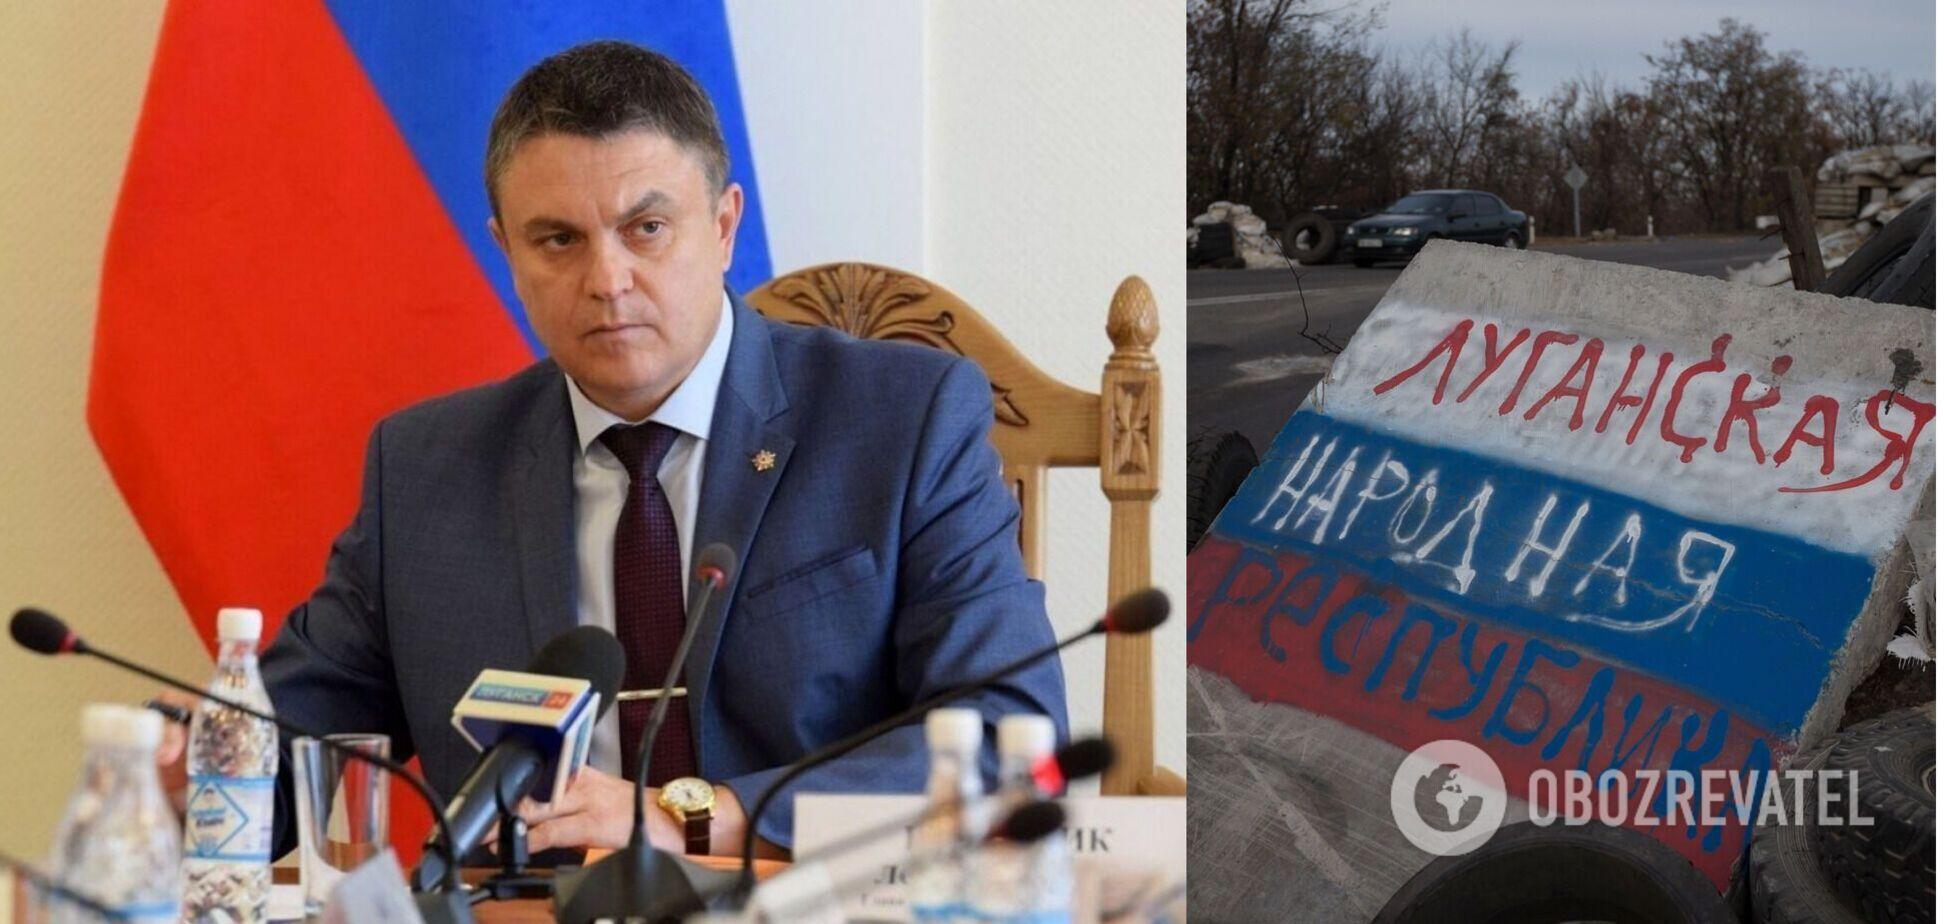 Ватажок ЛНР Леонід Пасічник